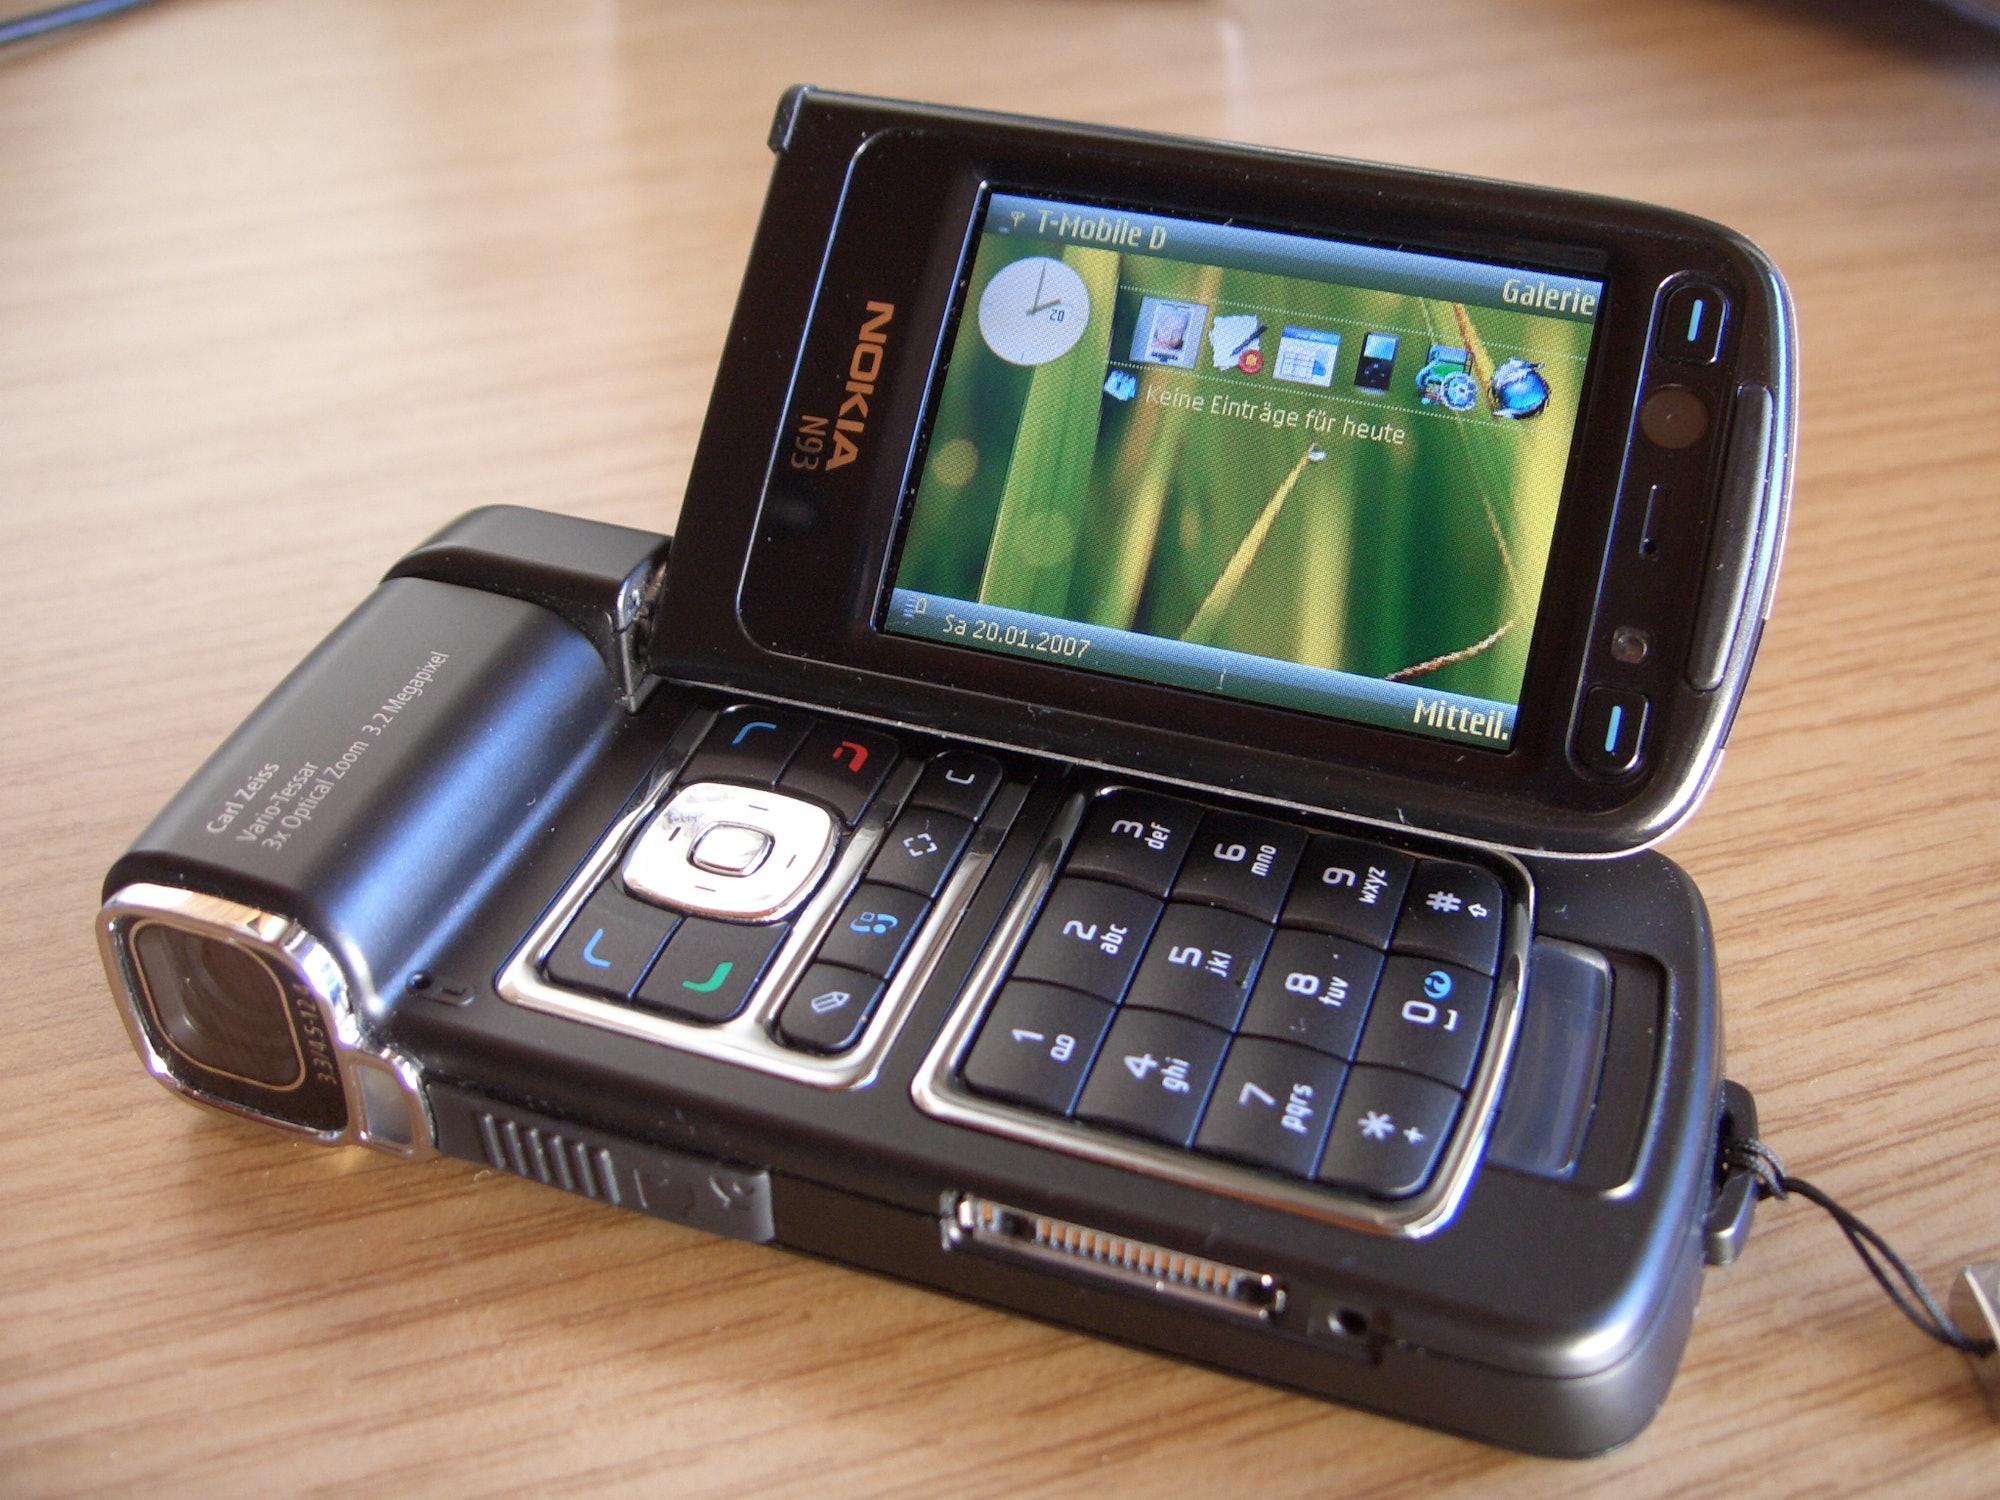 Nokia n93-1